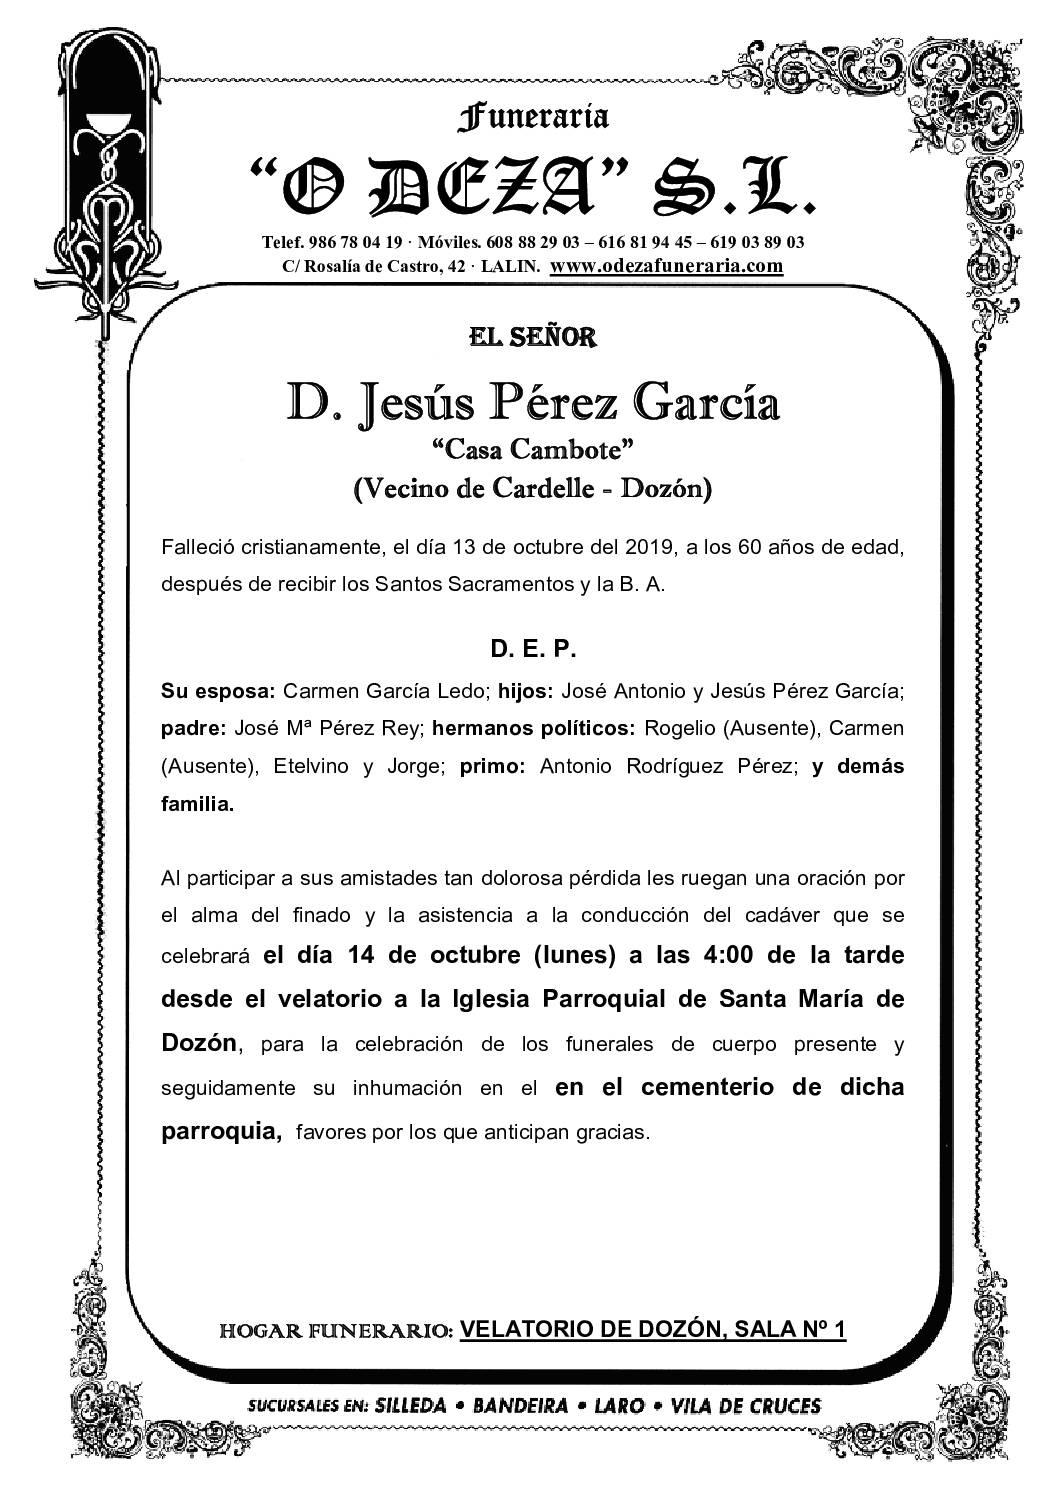 D. JESÚS PÉREZ GARCÍA